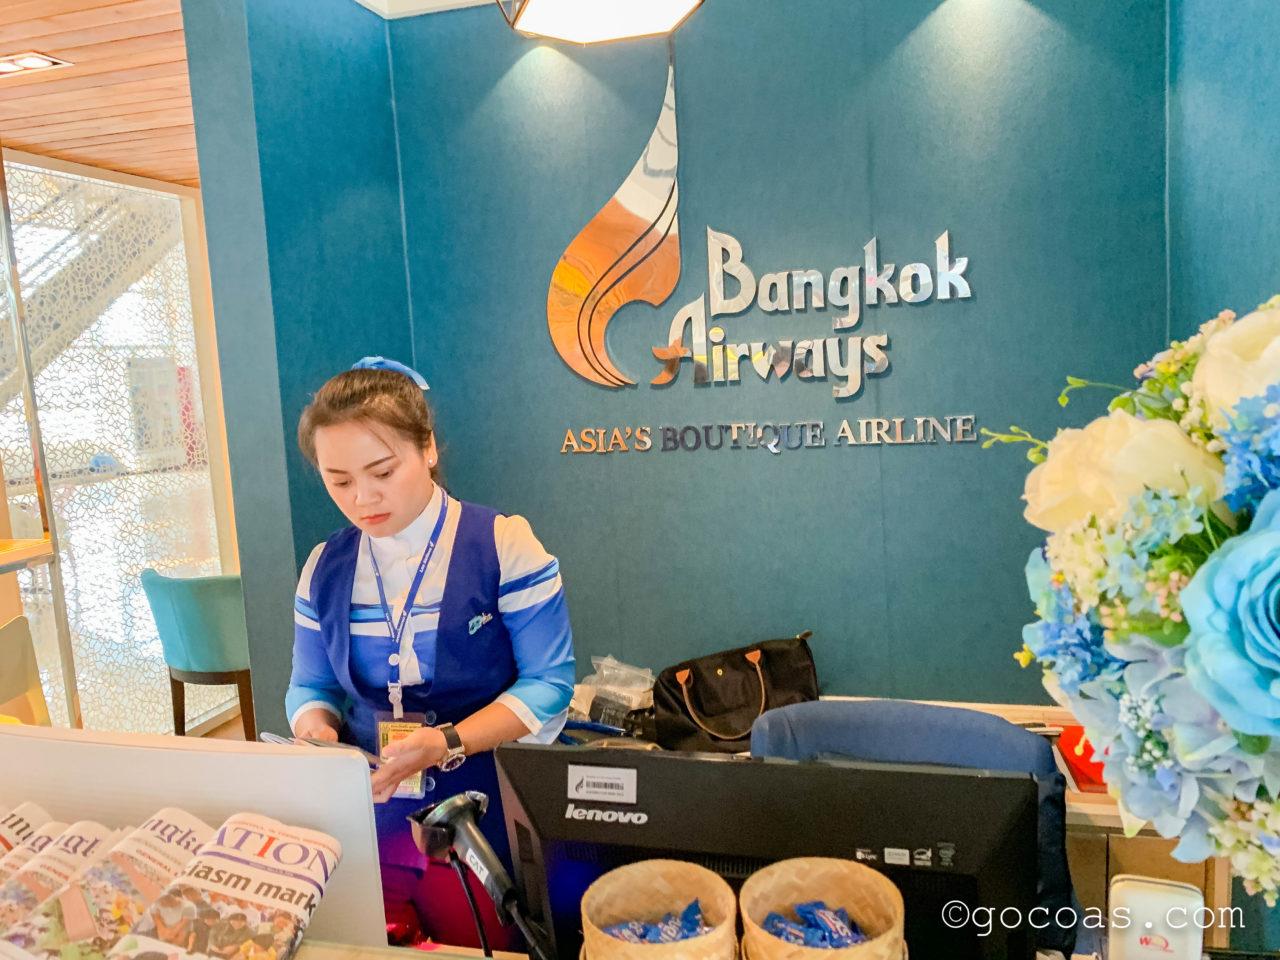 ルアンパバーン国際空港のBANGKOK AIRWAYS LUANG PRABANG LOUNGEの受付